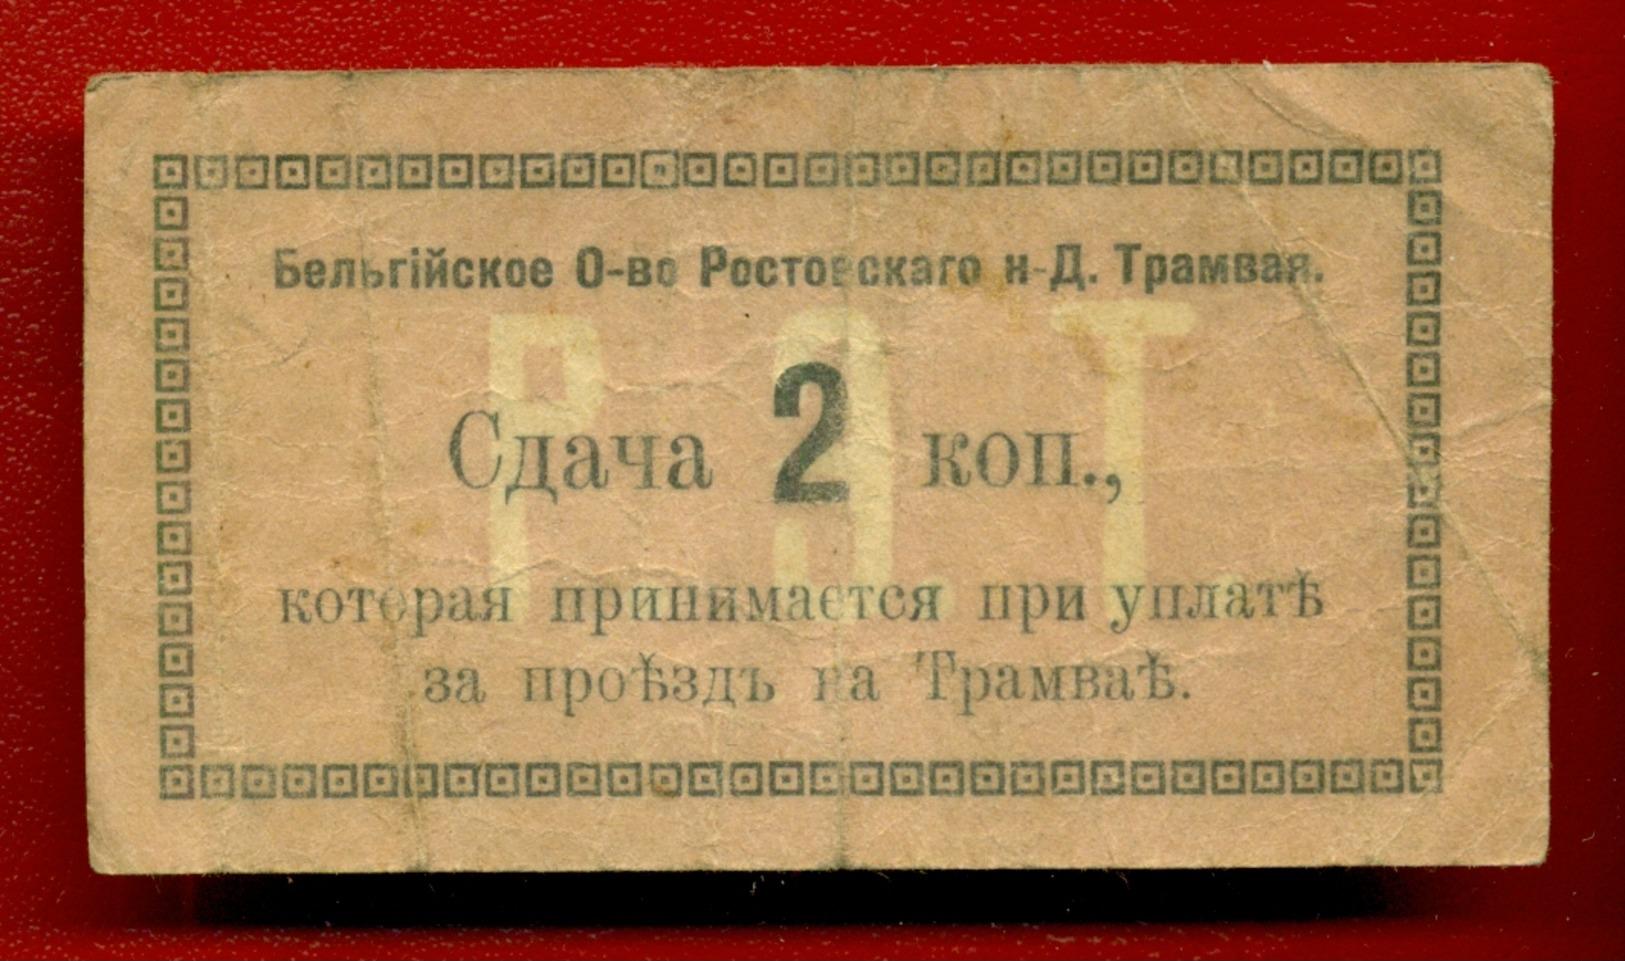 1918 RUSSIA RUSSLAND ROSTOV-NA-DONU 2 KOPEKS Tram 1690 - Russia